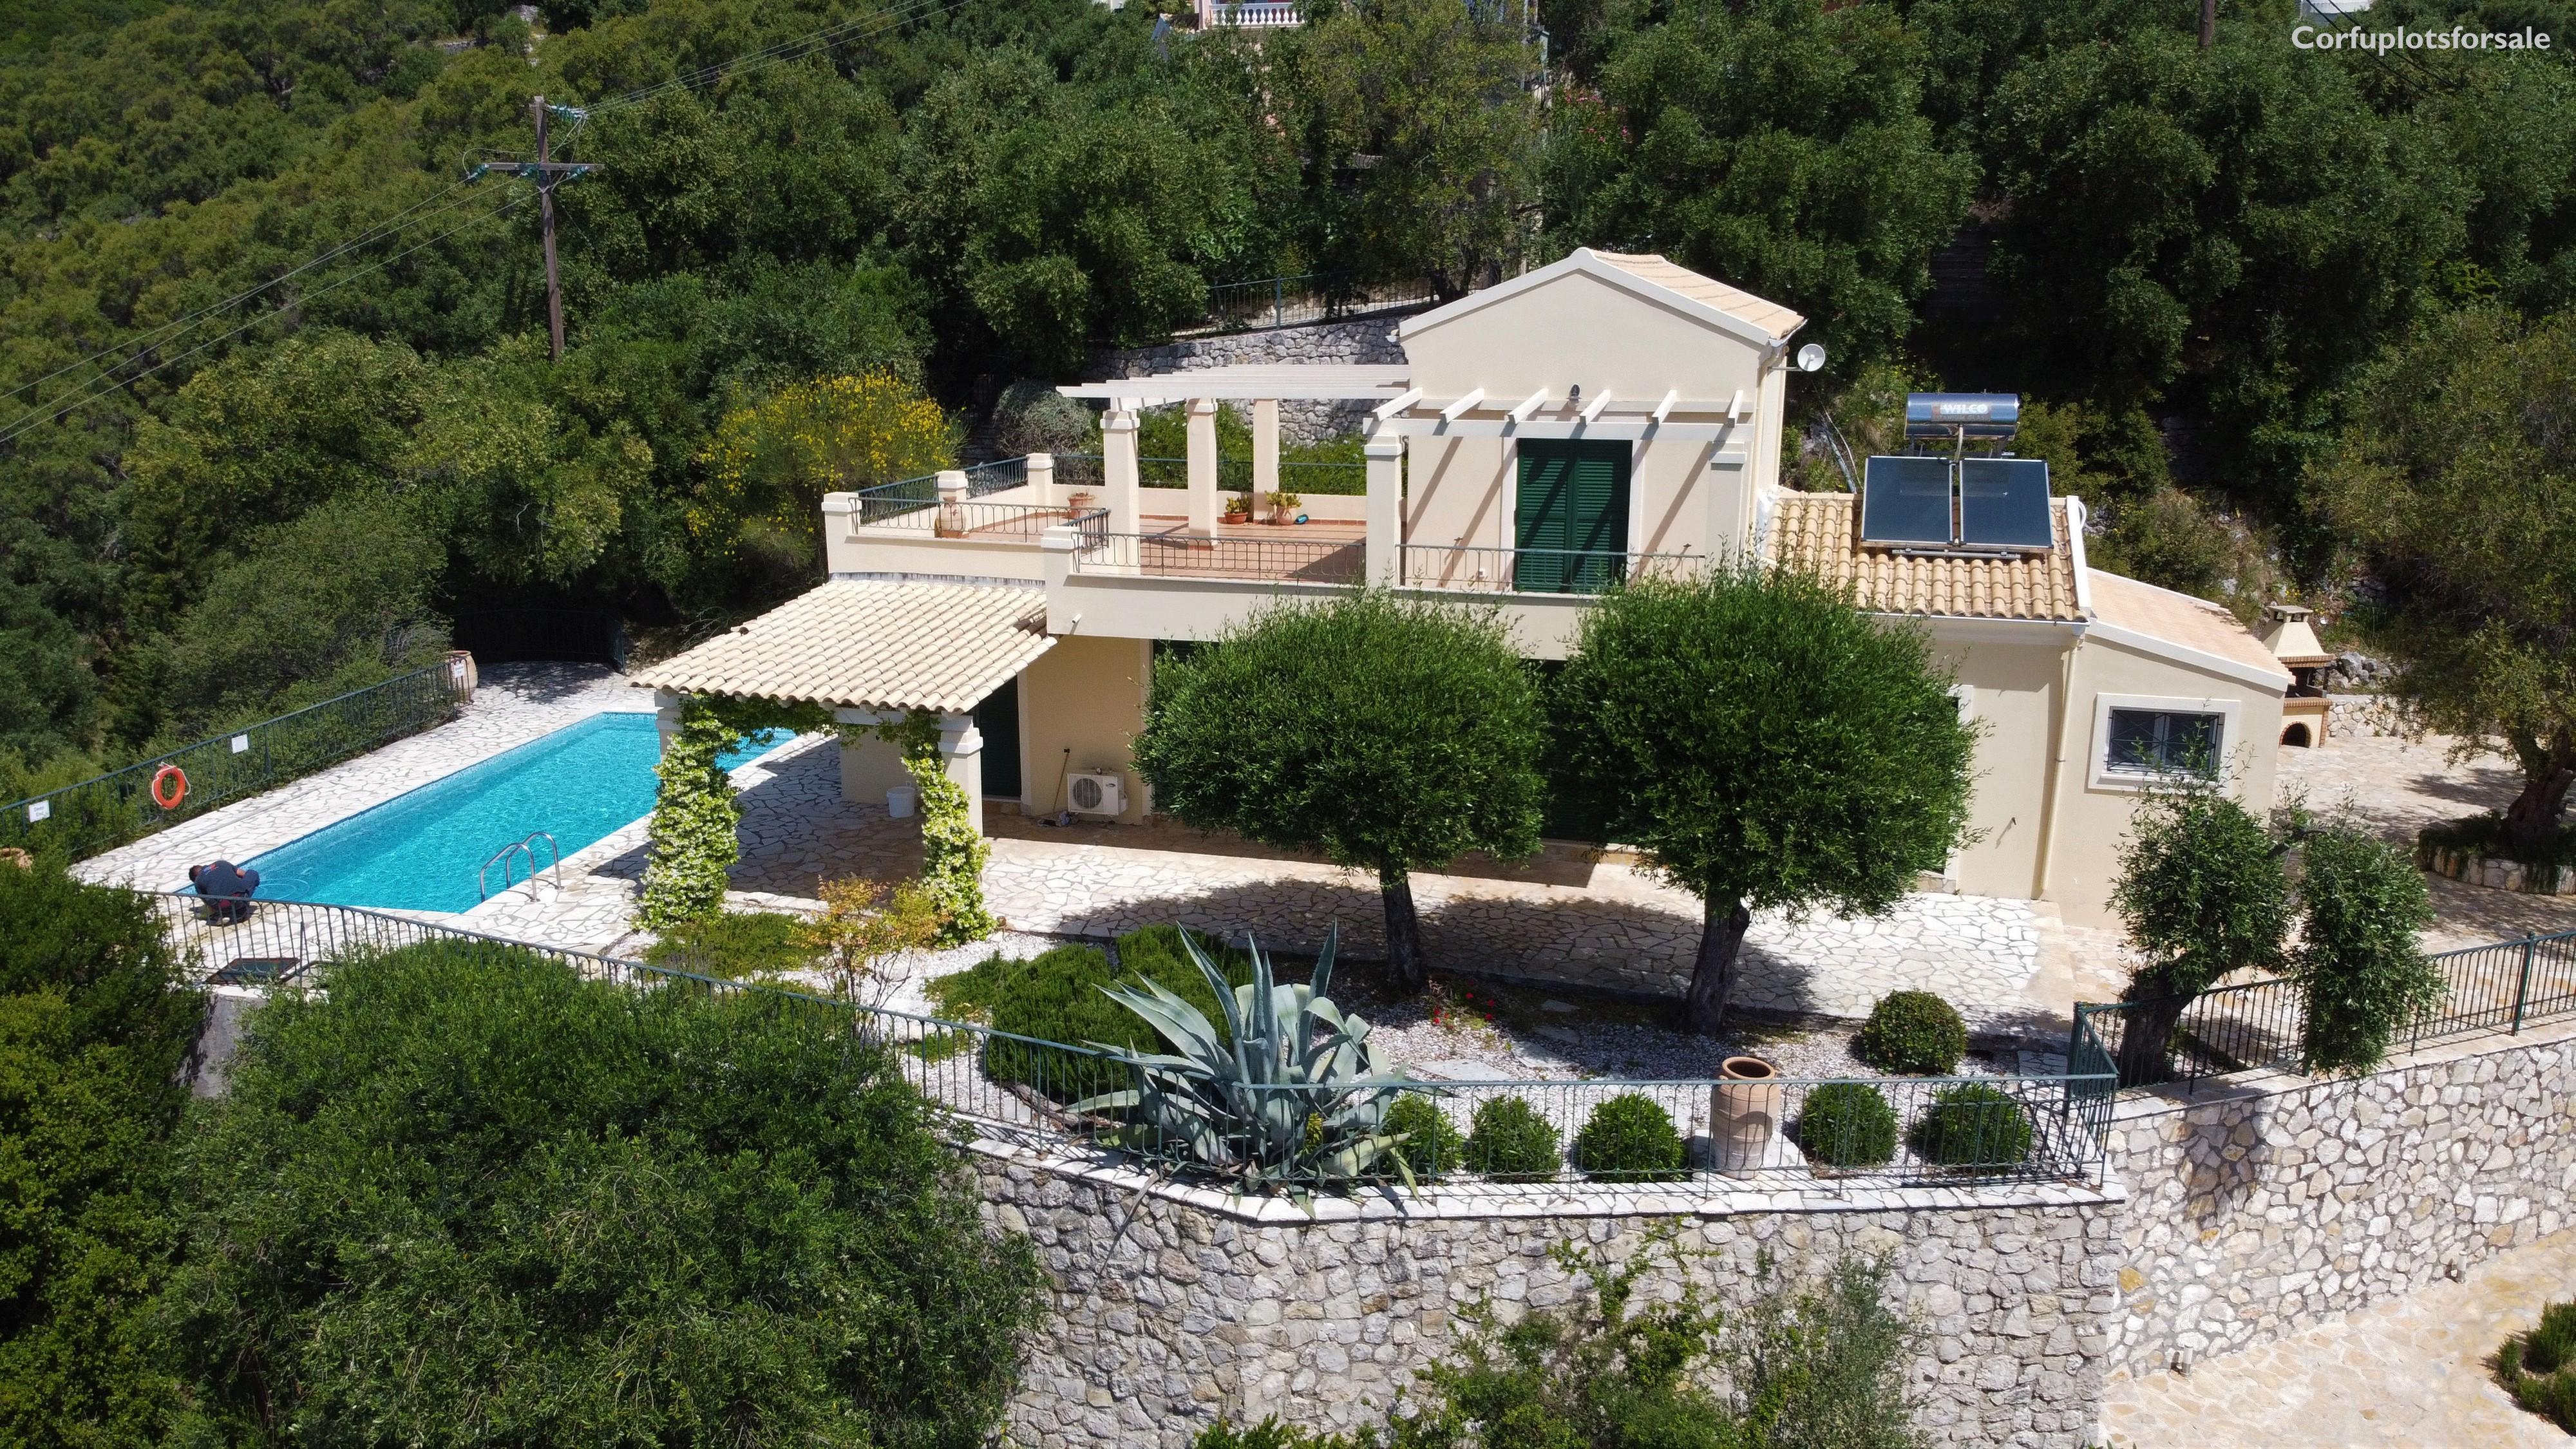 On a hill in Nissaki area 130 sq.m villa with pool